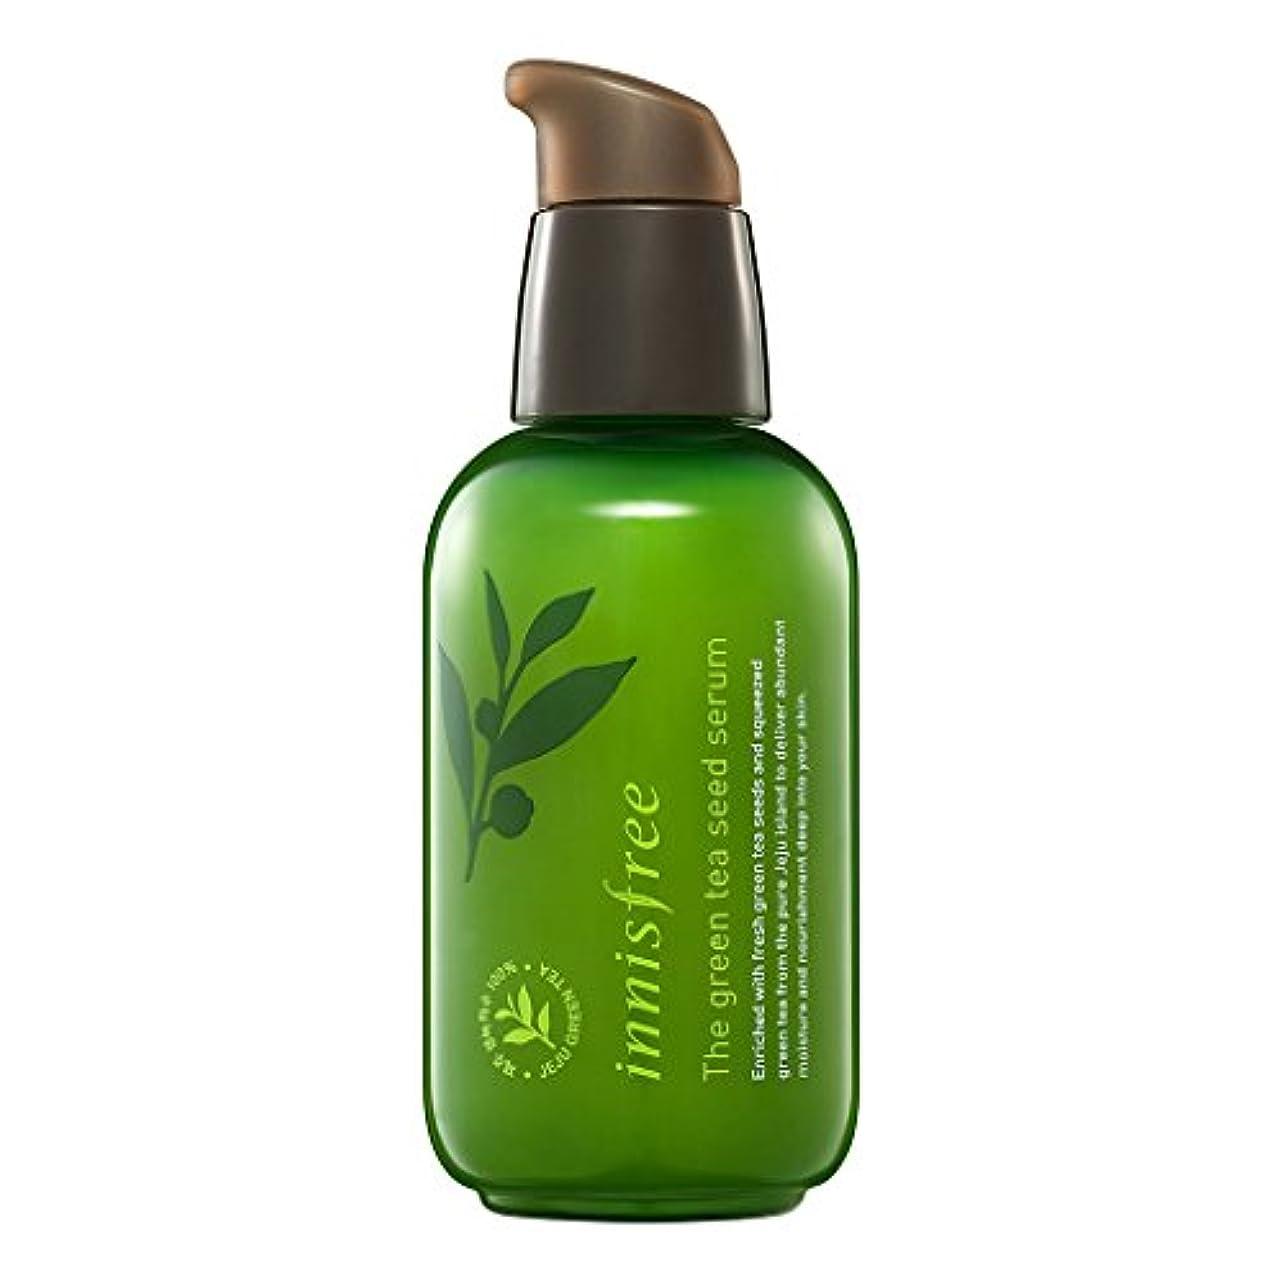 ギャングライターソーシャルinnisfree(イニスフリー) The green tea seed serum グリーンティー シード セラム